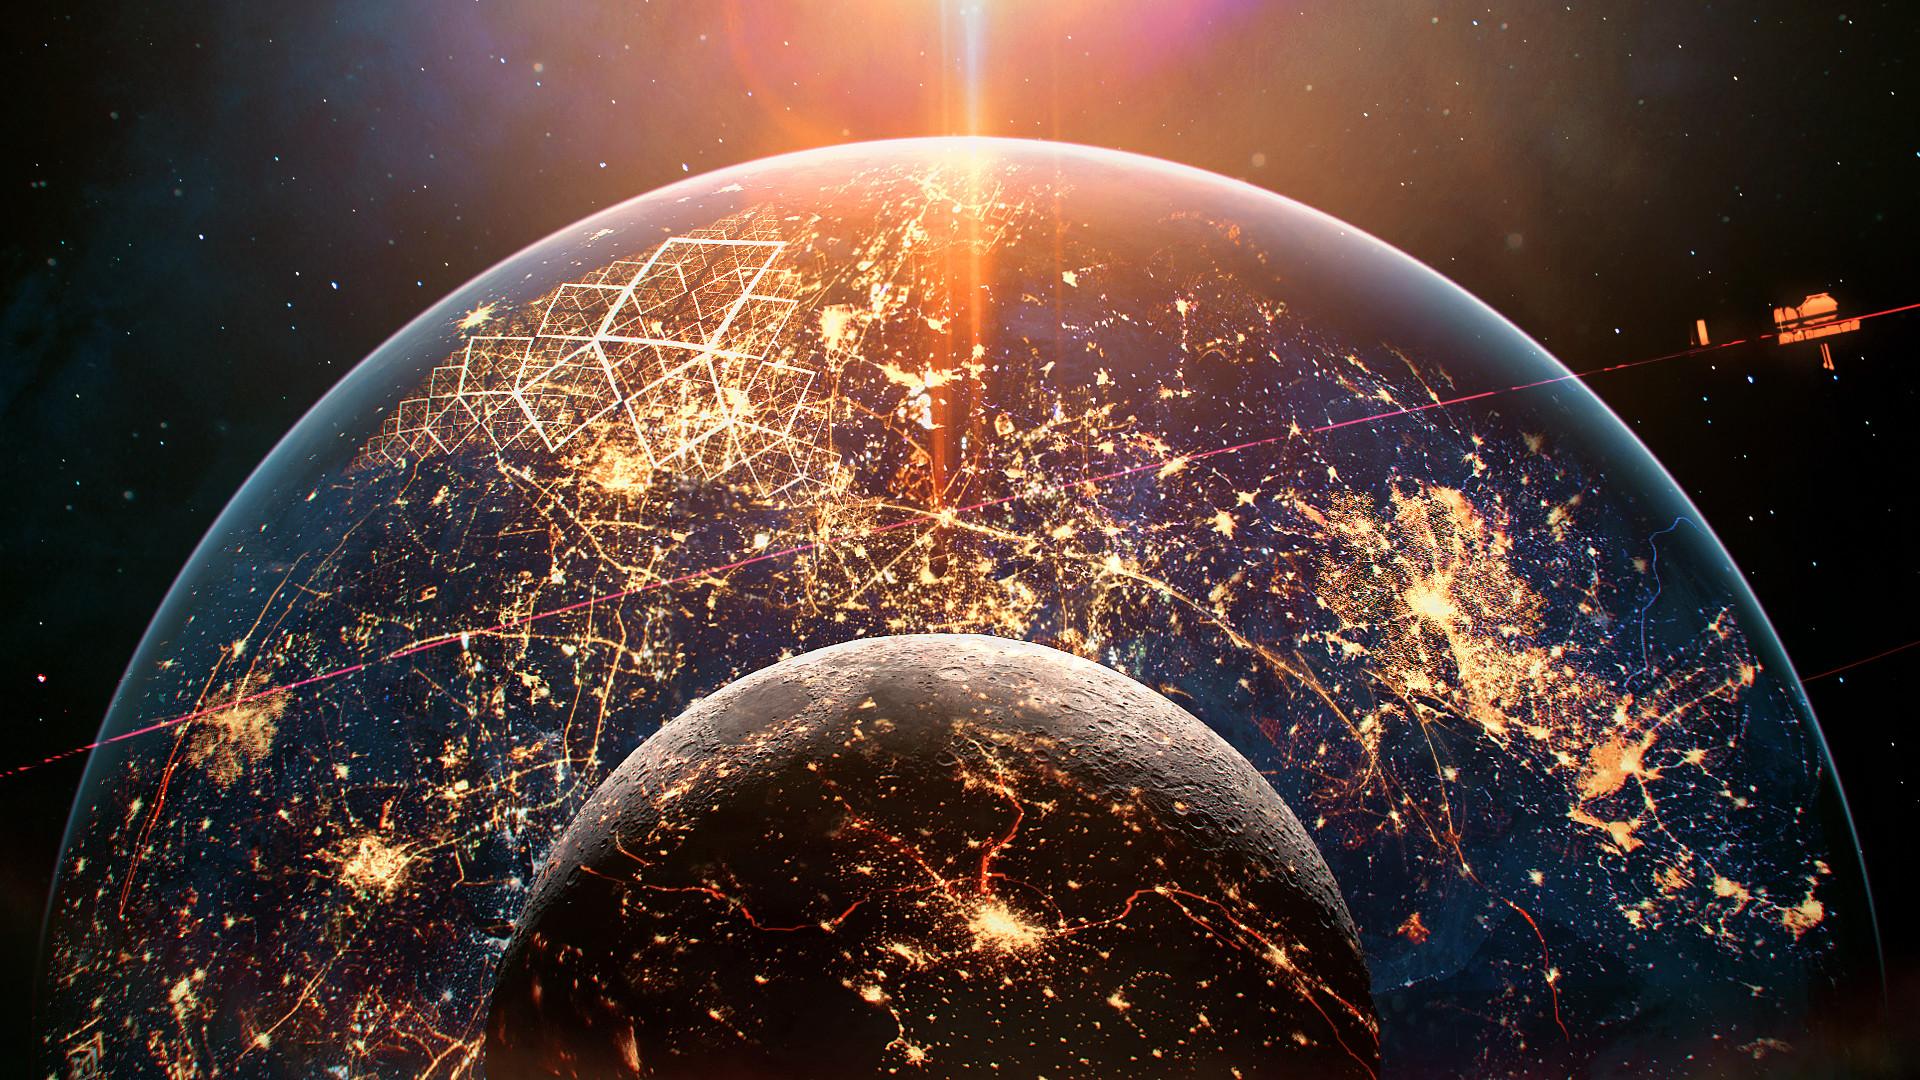 Звёздное небо и космос в картинках - Страница 6 Jakub-grygier-001-ecumenopolis-ab